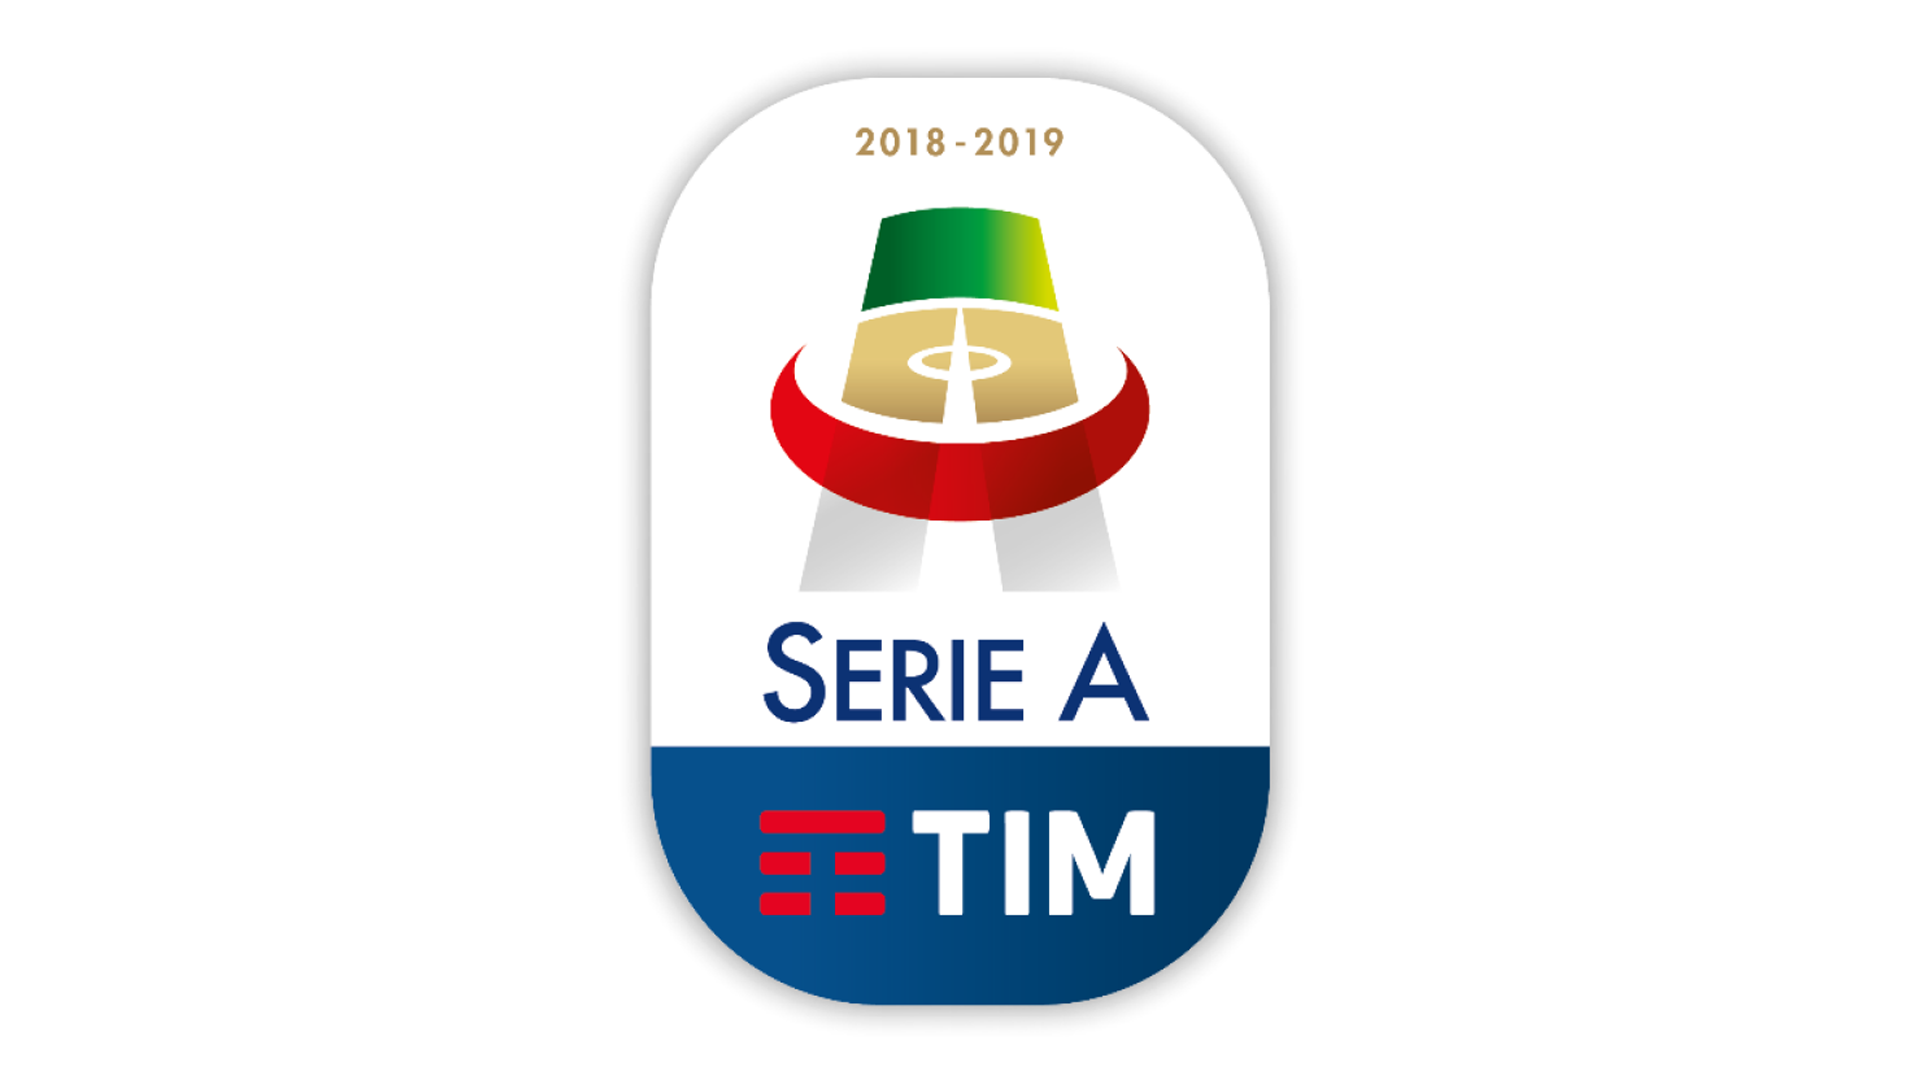 Campionato Serie A Calendario Partite.Calendario Serie A 2018 2019 Goal Com